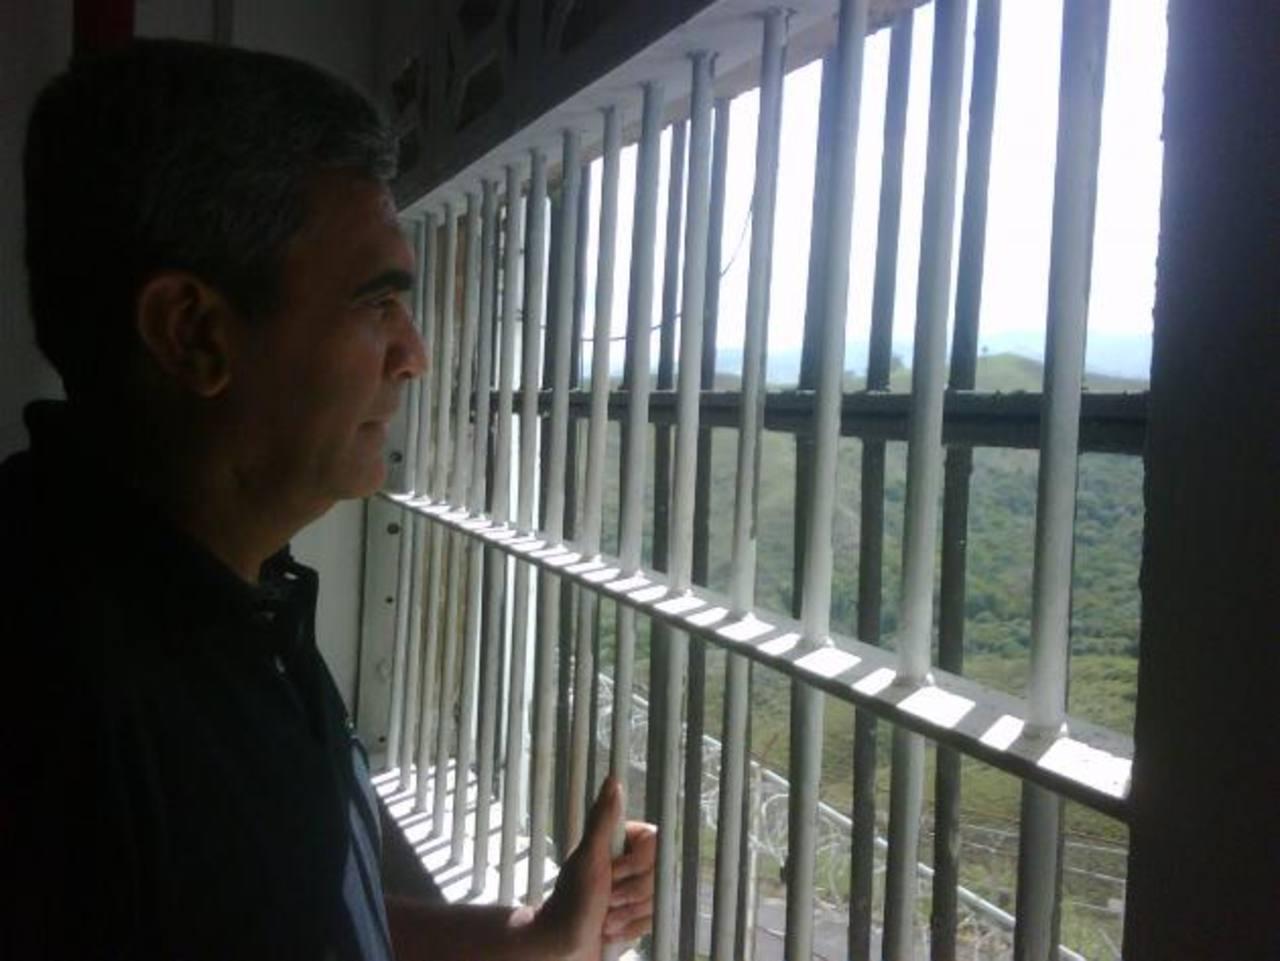 Imagen del exministro de Defensa, y general retirado, Raúl Isaías Baduel publicada por diario El País. foto edh